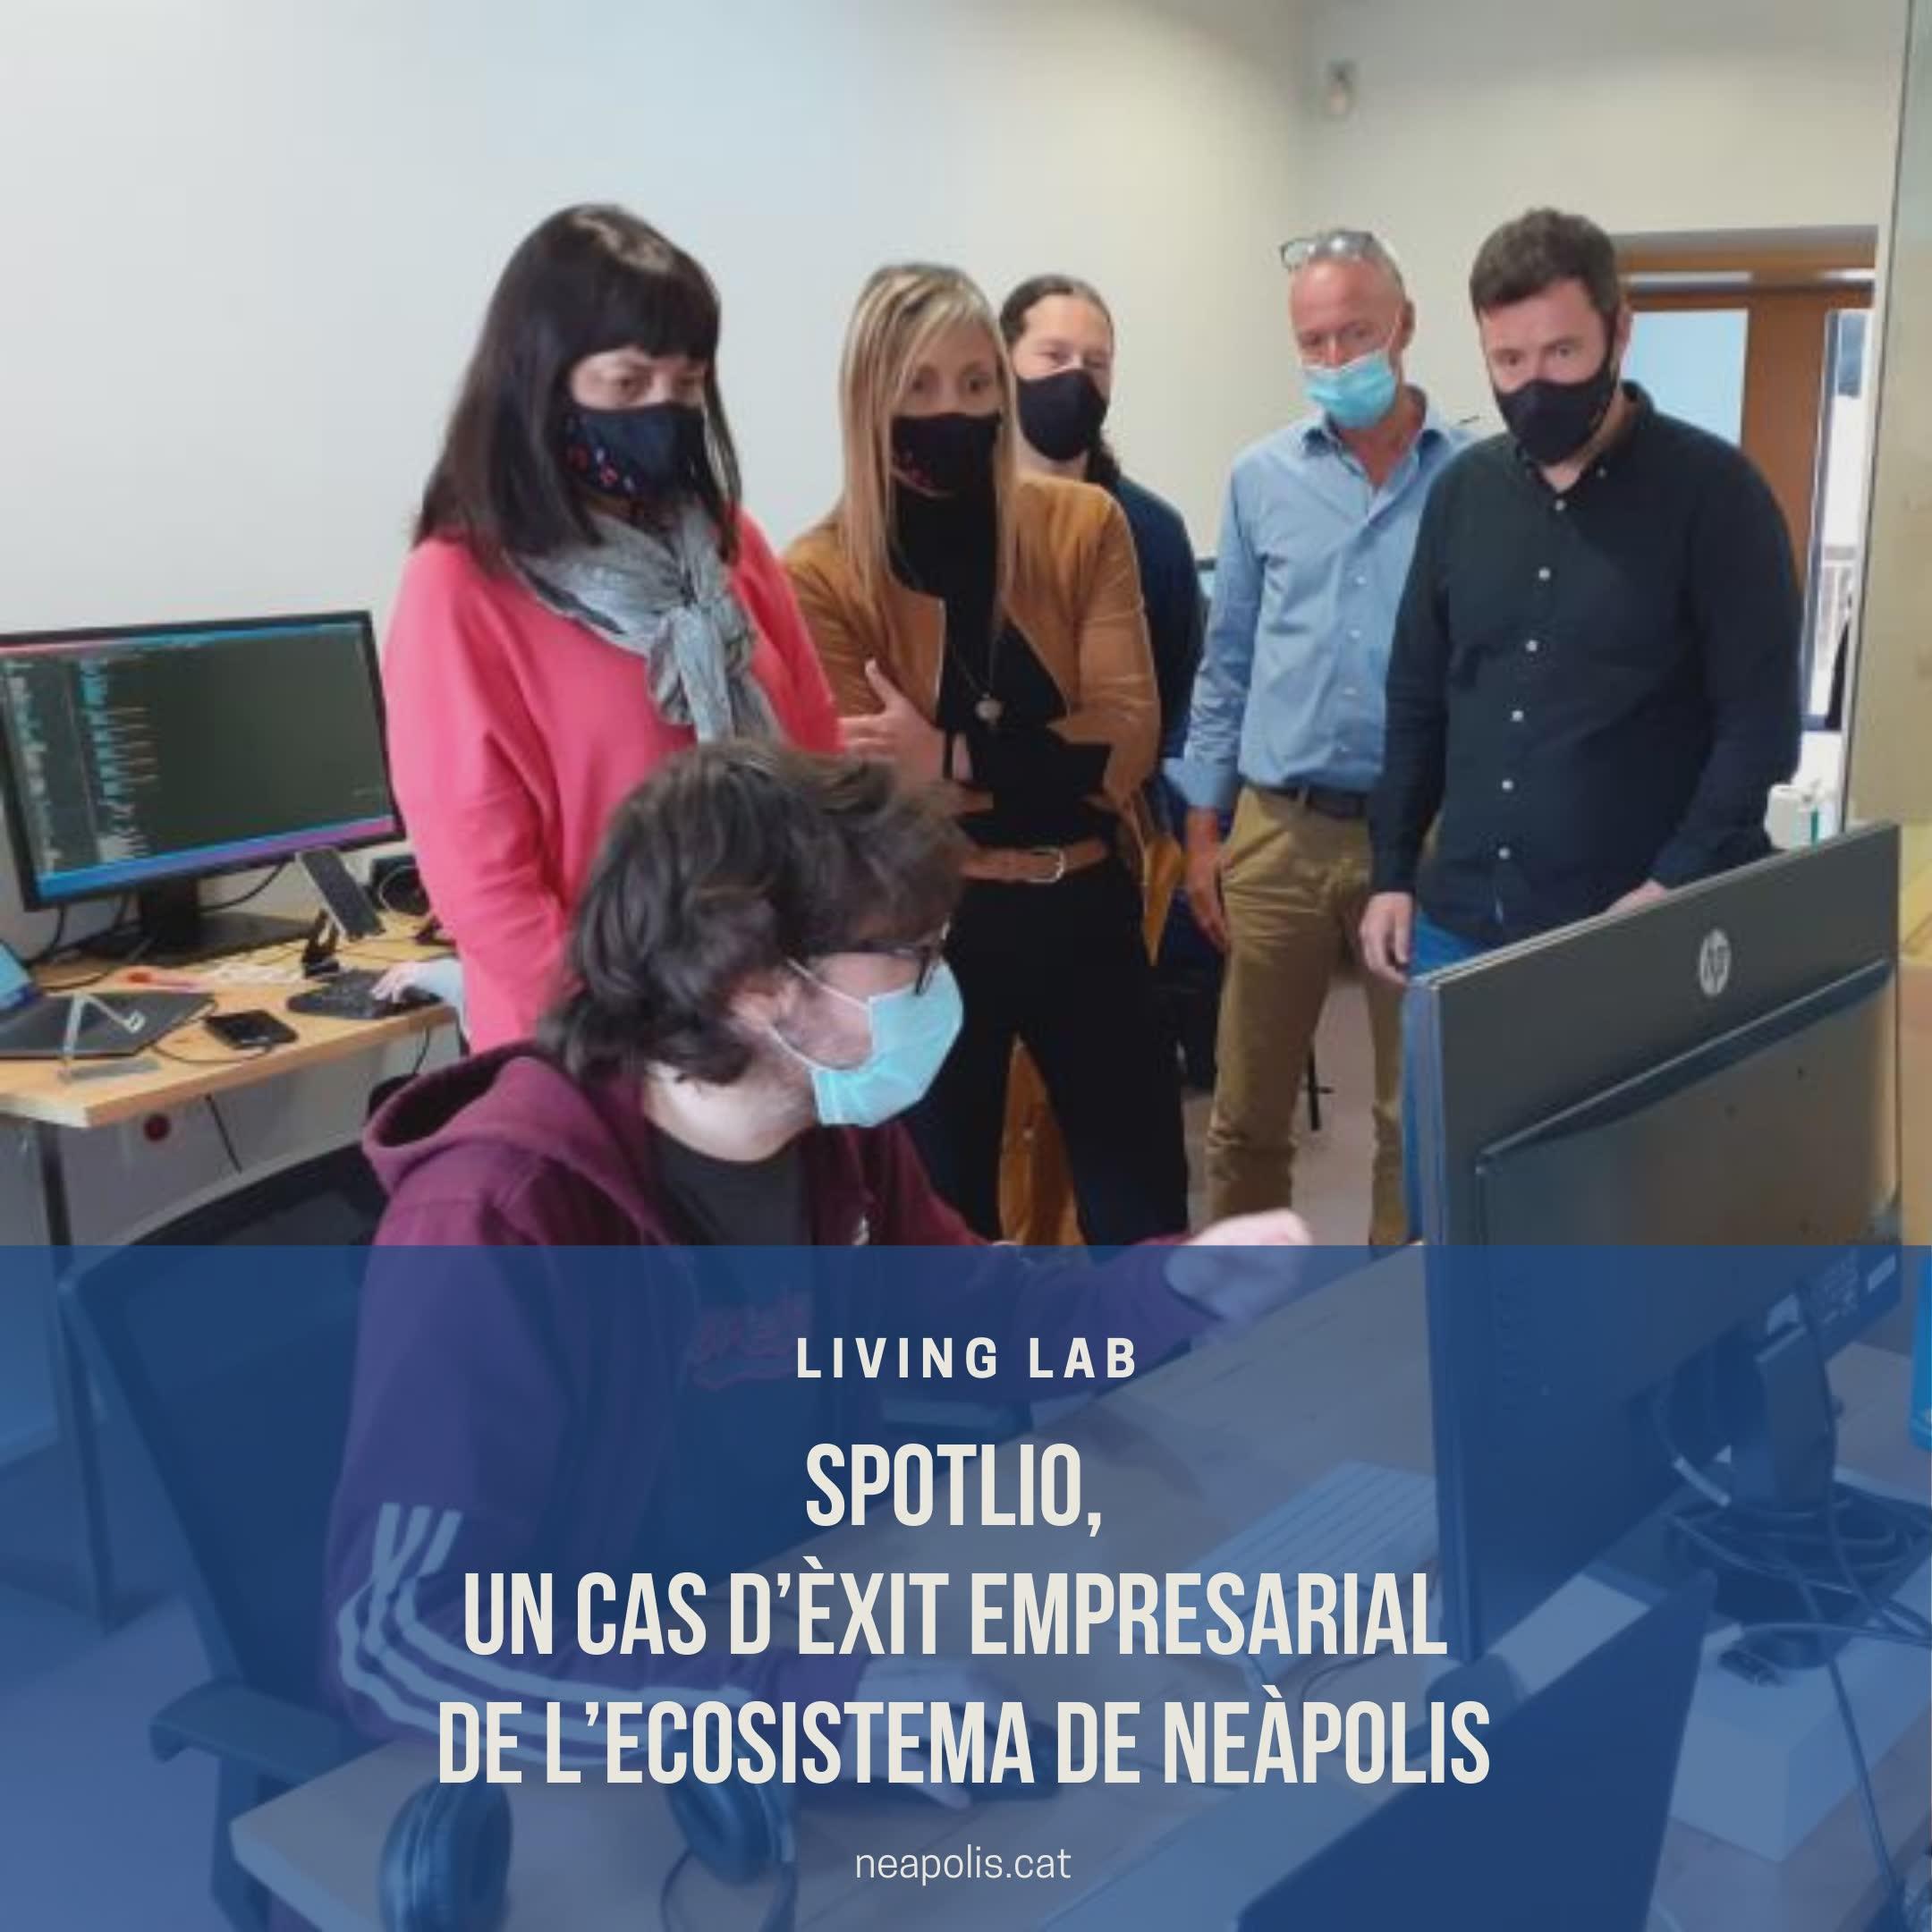 Spotlio, un cas d'èxit empresarial de l'ecosistema de Neàpolis